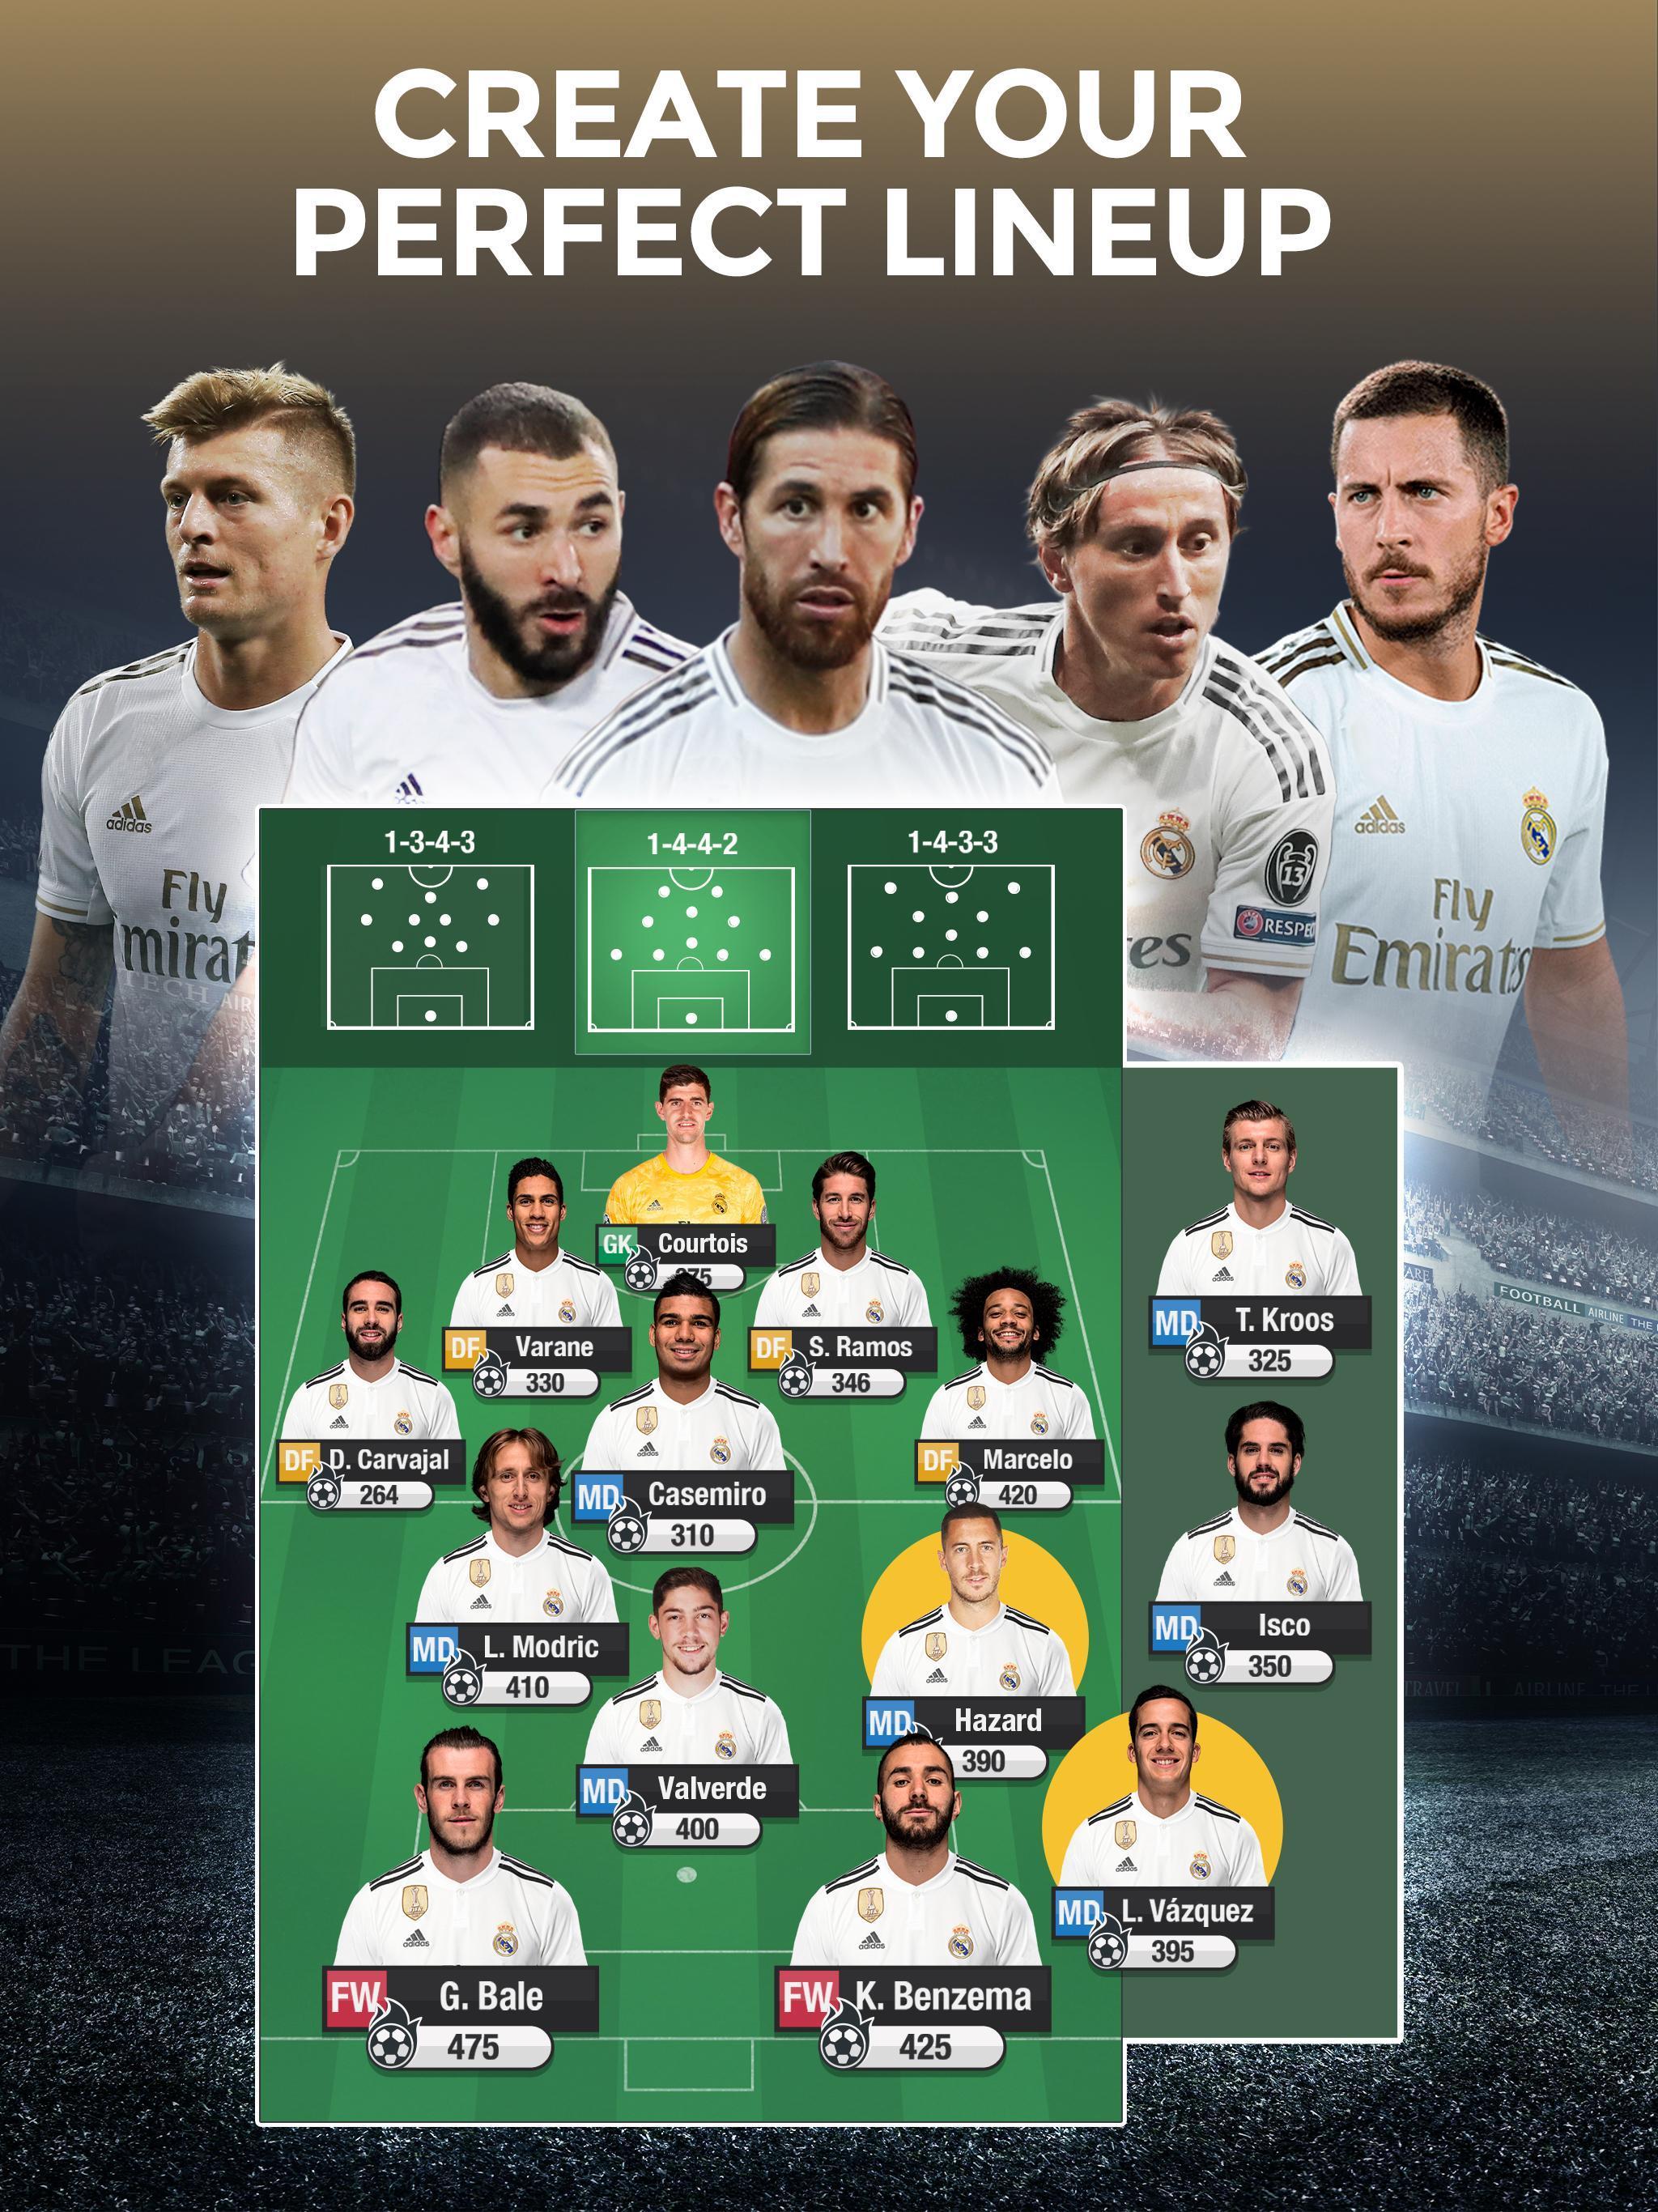 Real Madrid Fantasy Manager'20 Real football live screenshot 6